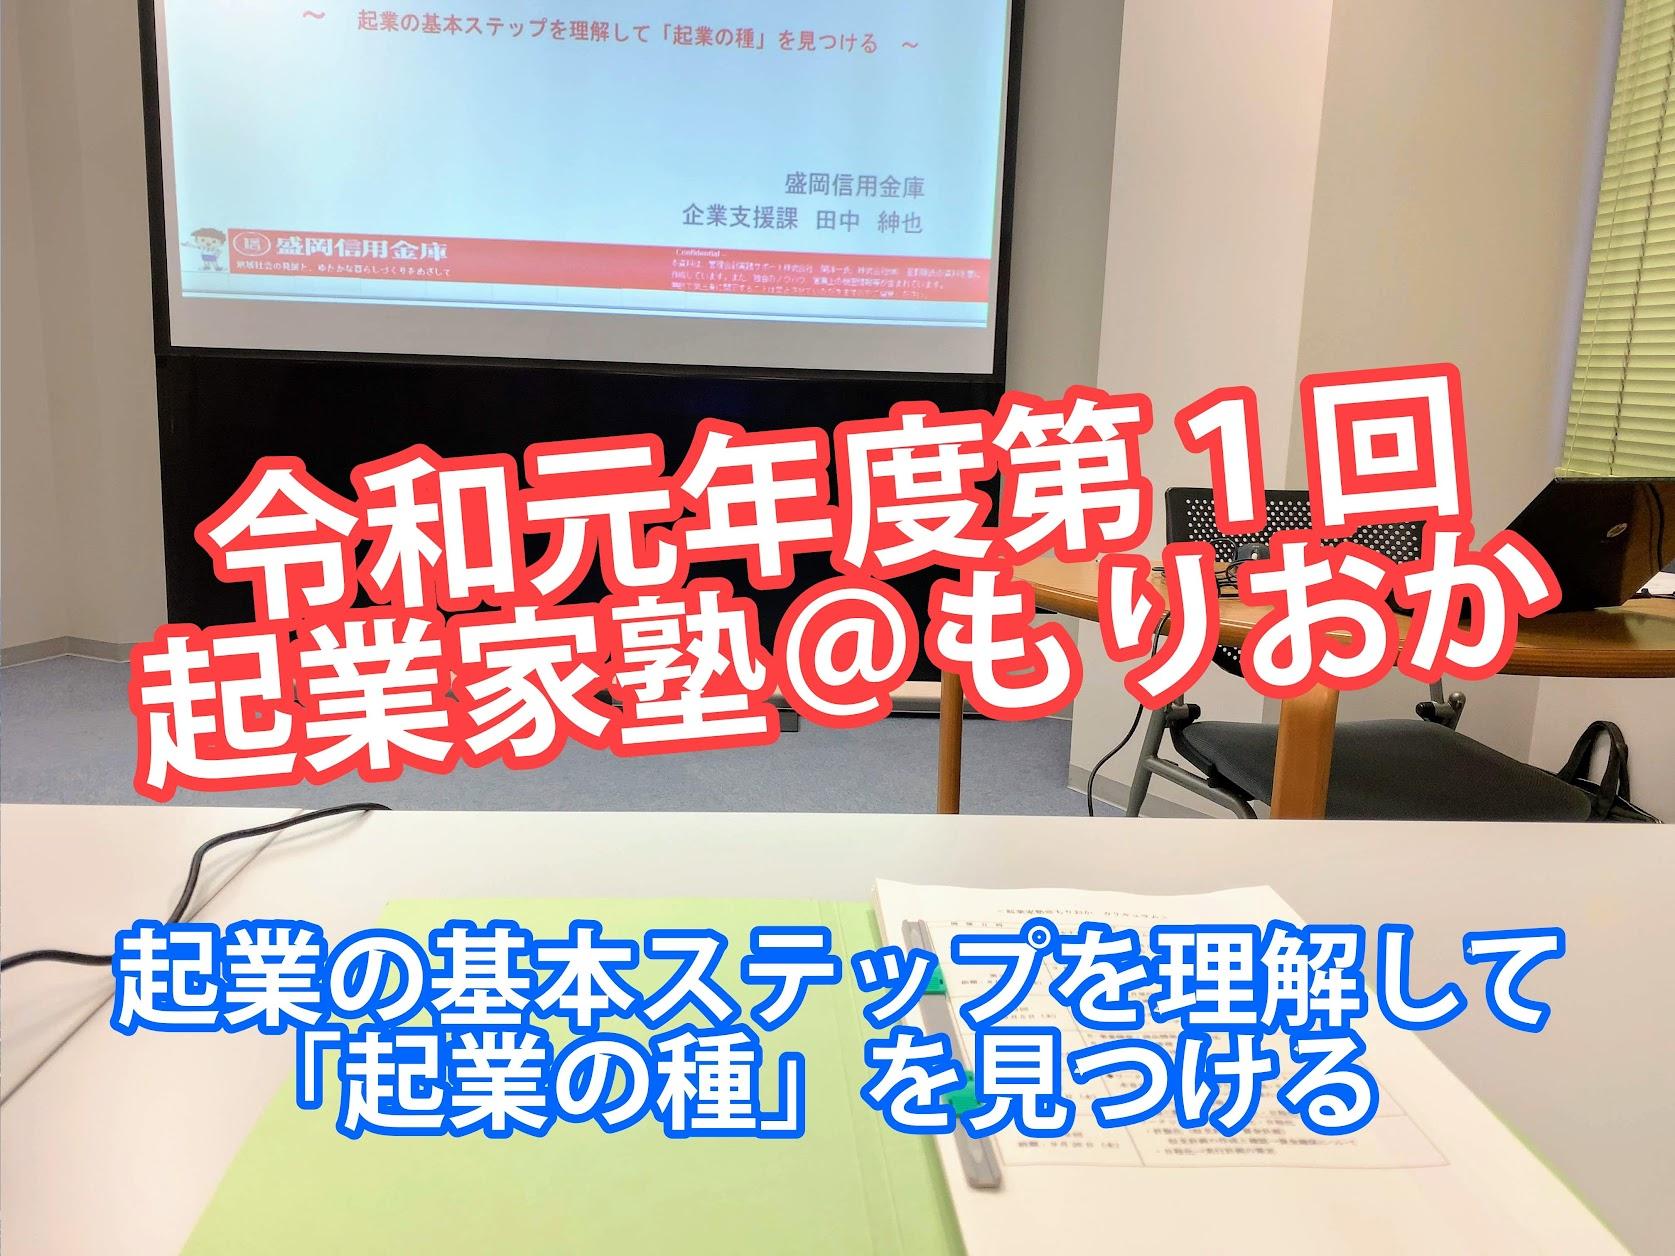 令和元年度 第1回 起業家塾@もりおか 第5講